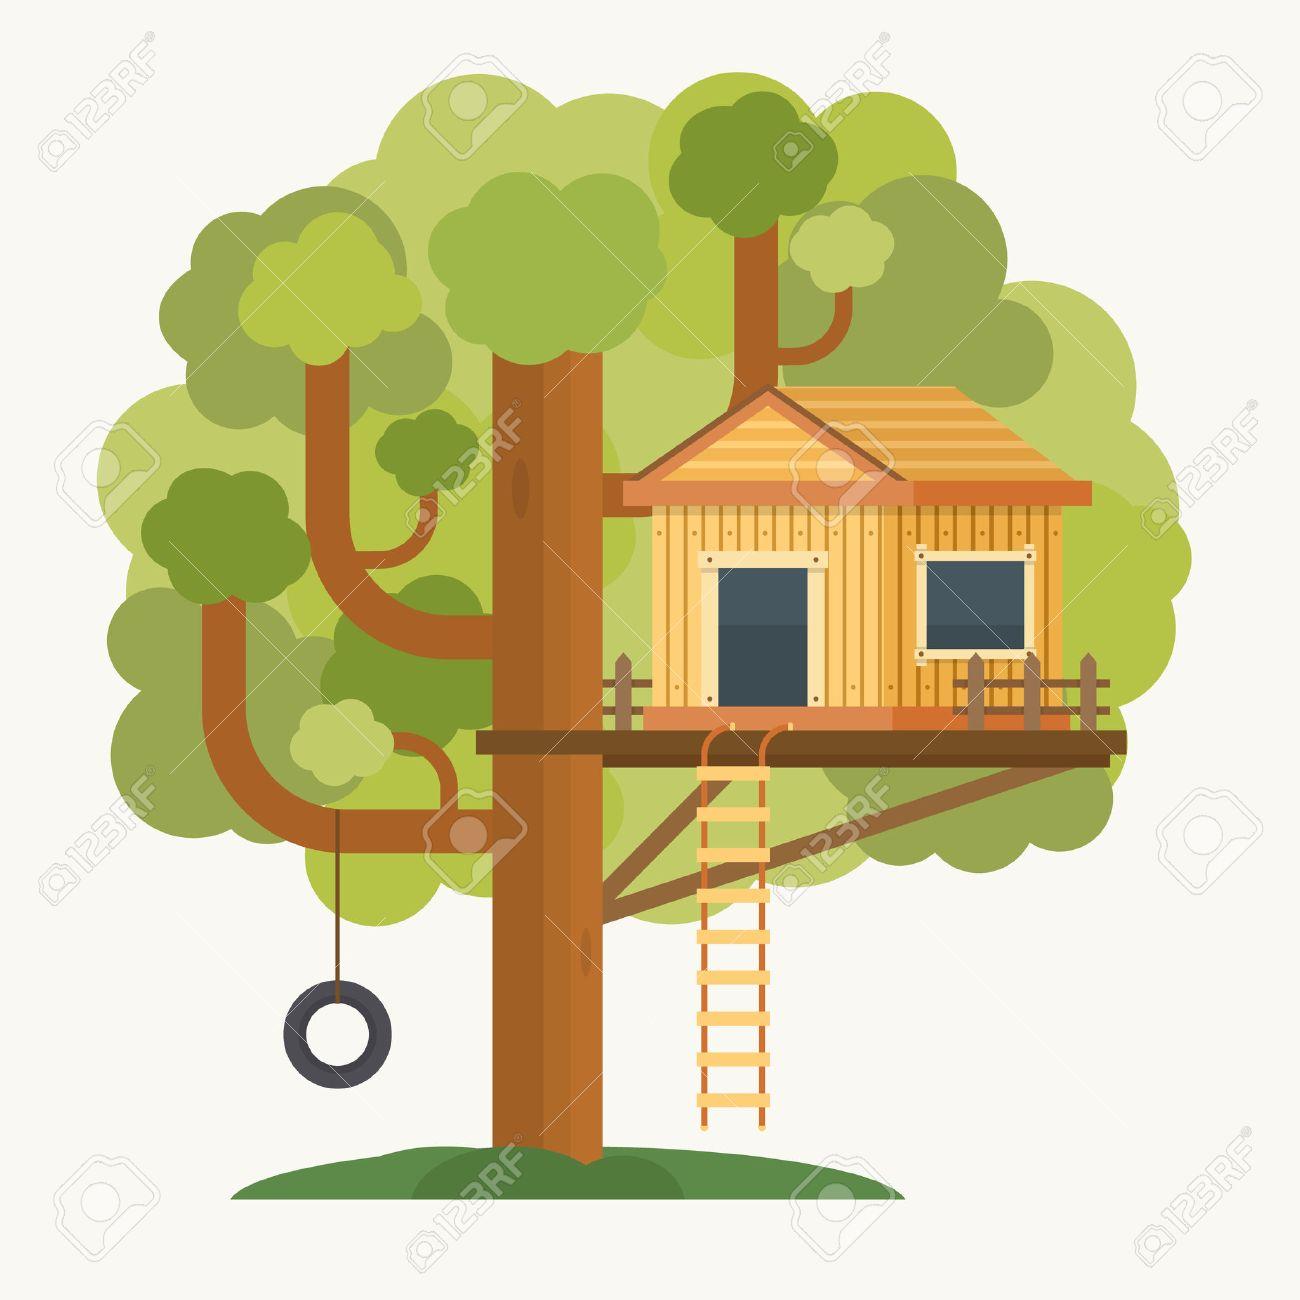 Free Baumhaus Haus Auf Baum Fr Kinder Mit Schaukel Und Leiter Wohnung Stil  With Baumhaus Fr Kinder